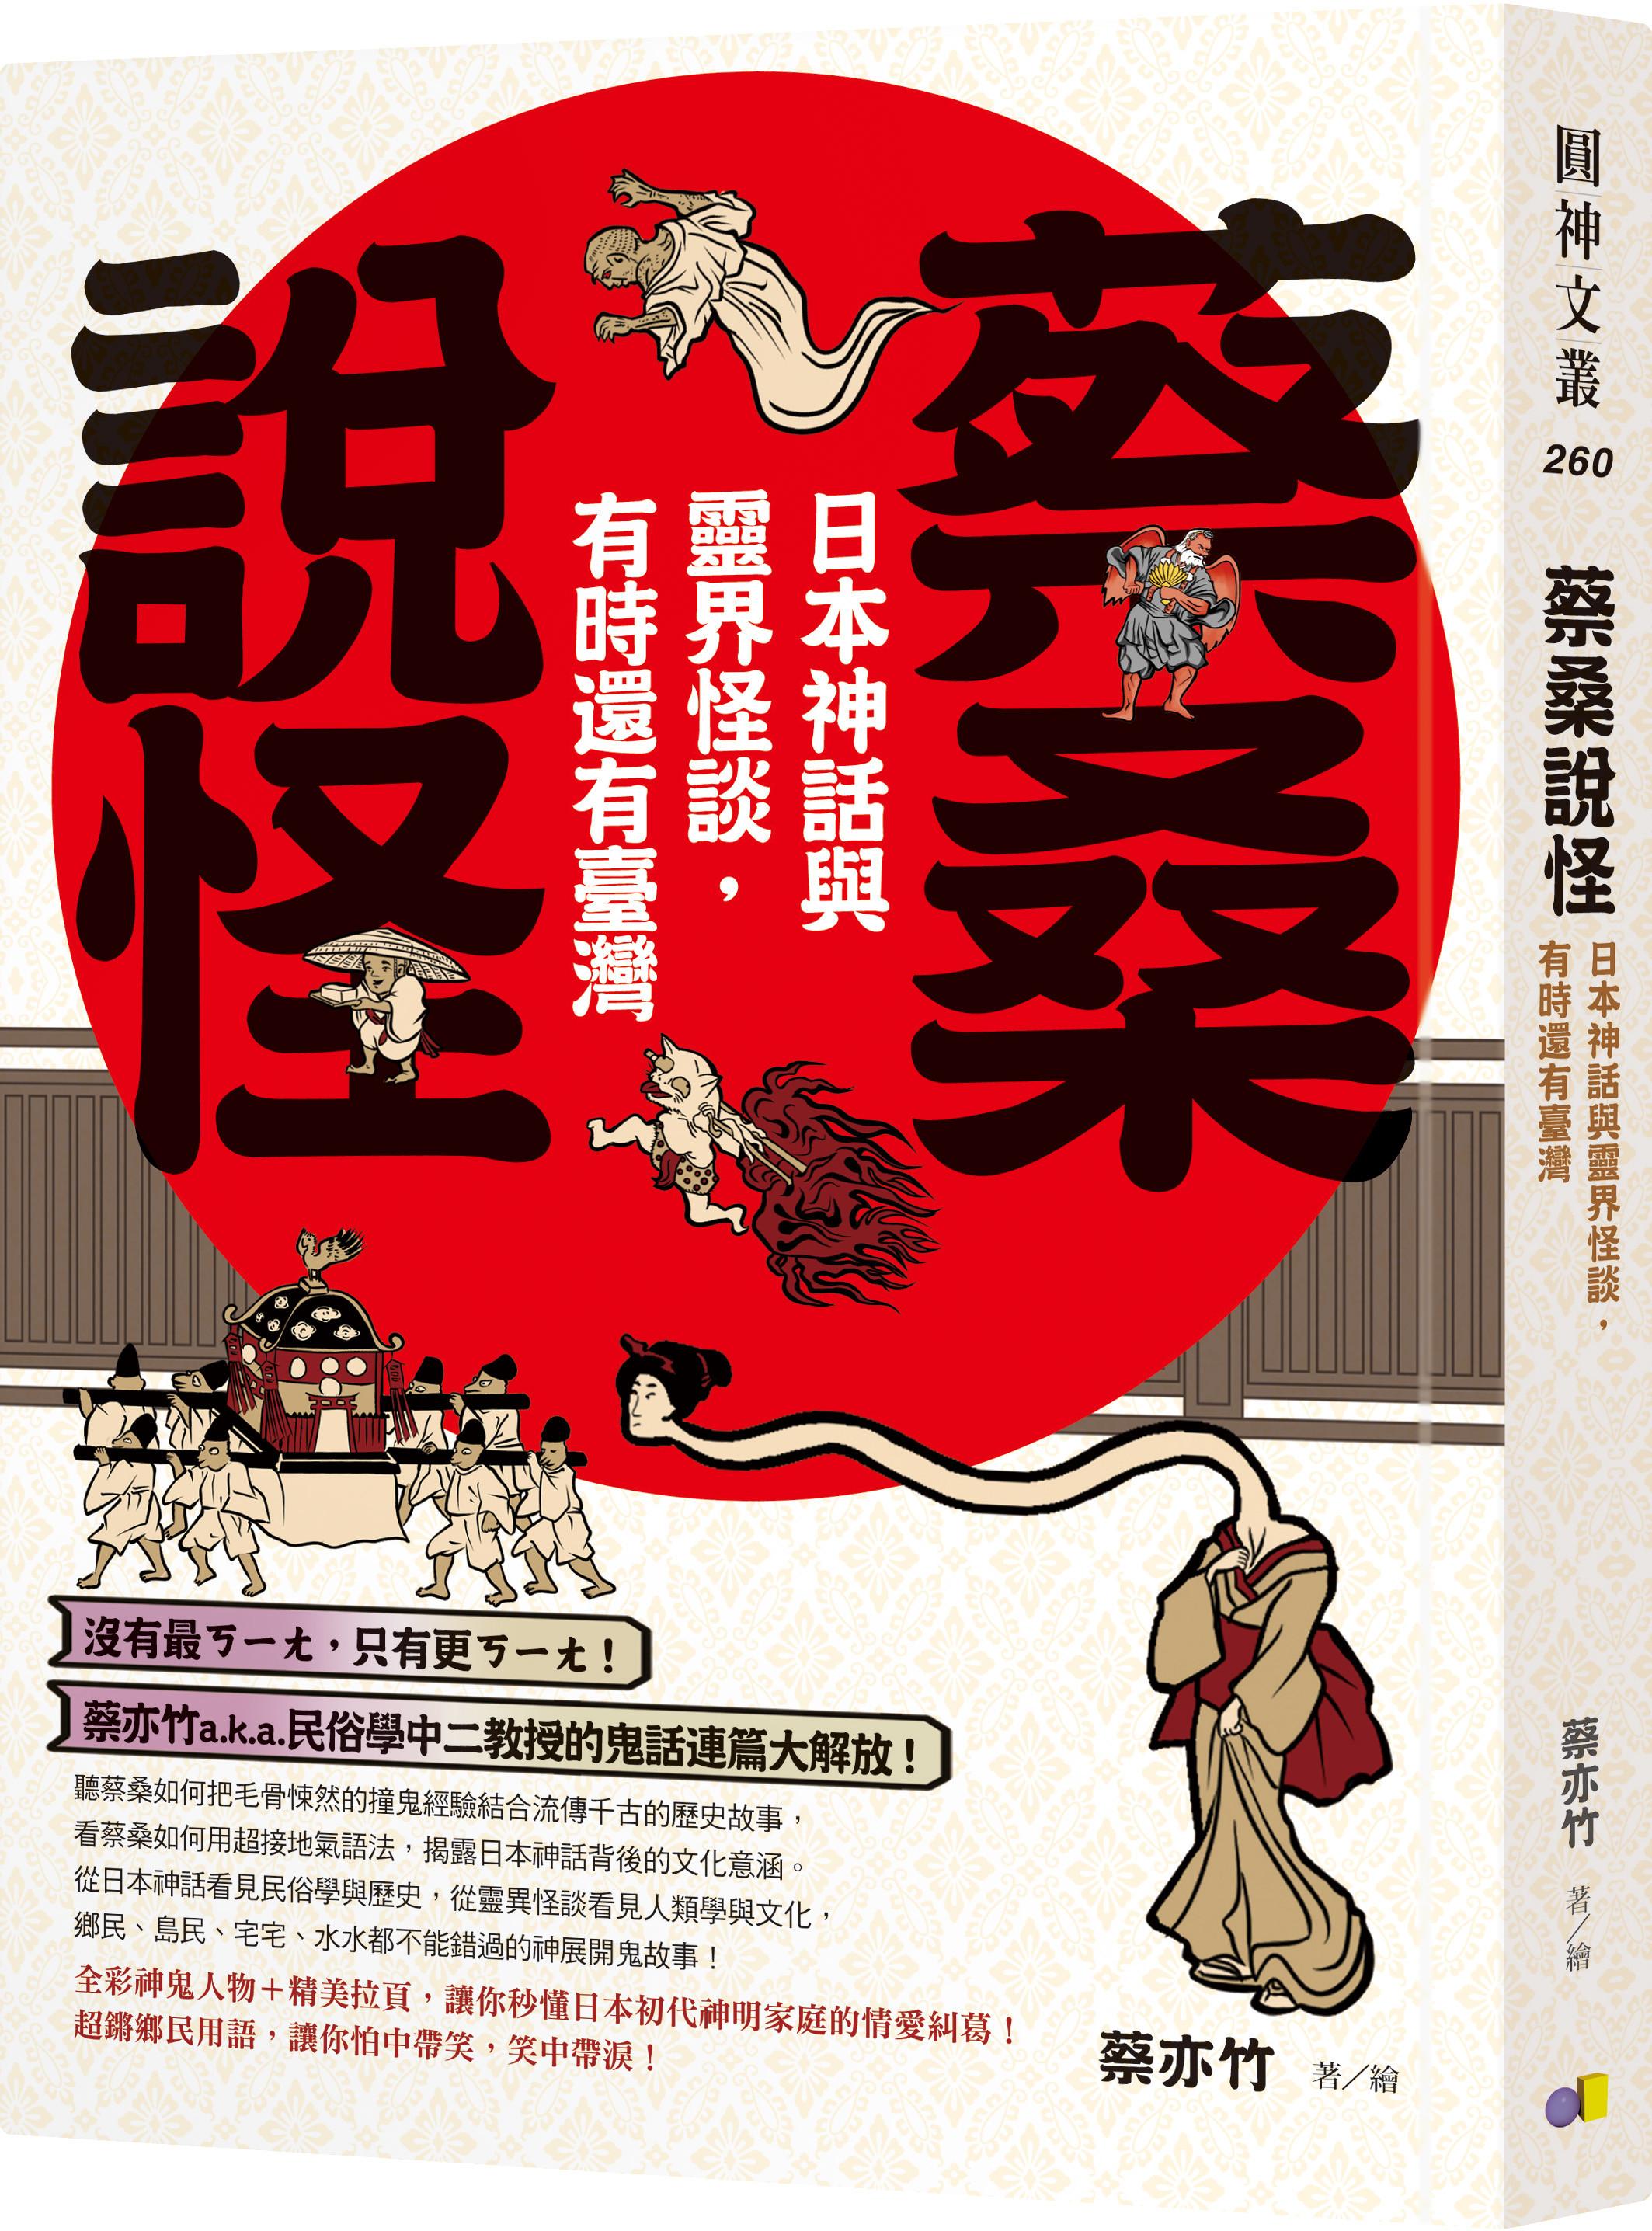 ▲蔡桑說怪:日本神話與靈界怪談,有時還有臺灣。(圖/圓神出版提供)